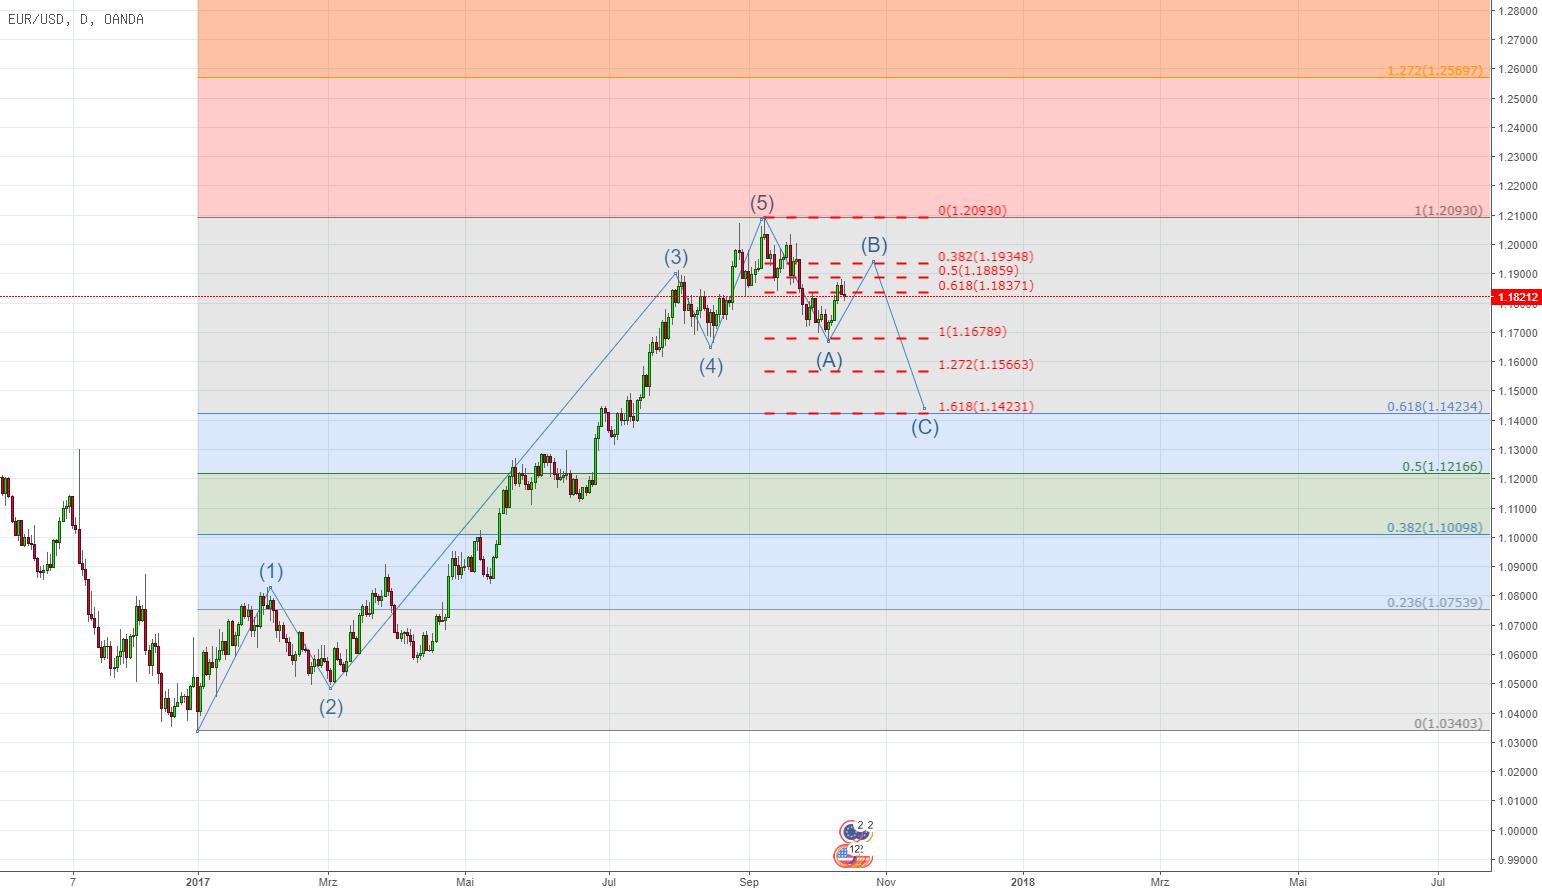 EUR/USD fehlt noch eine Welle C